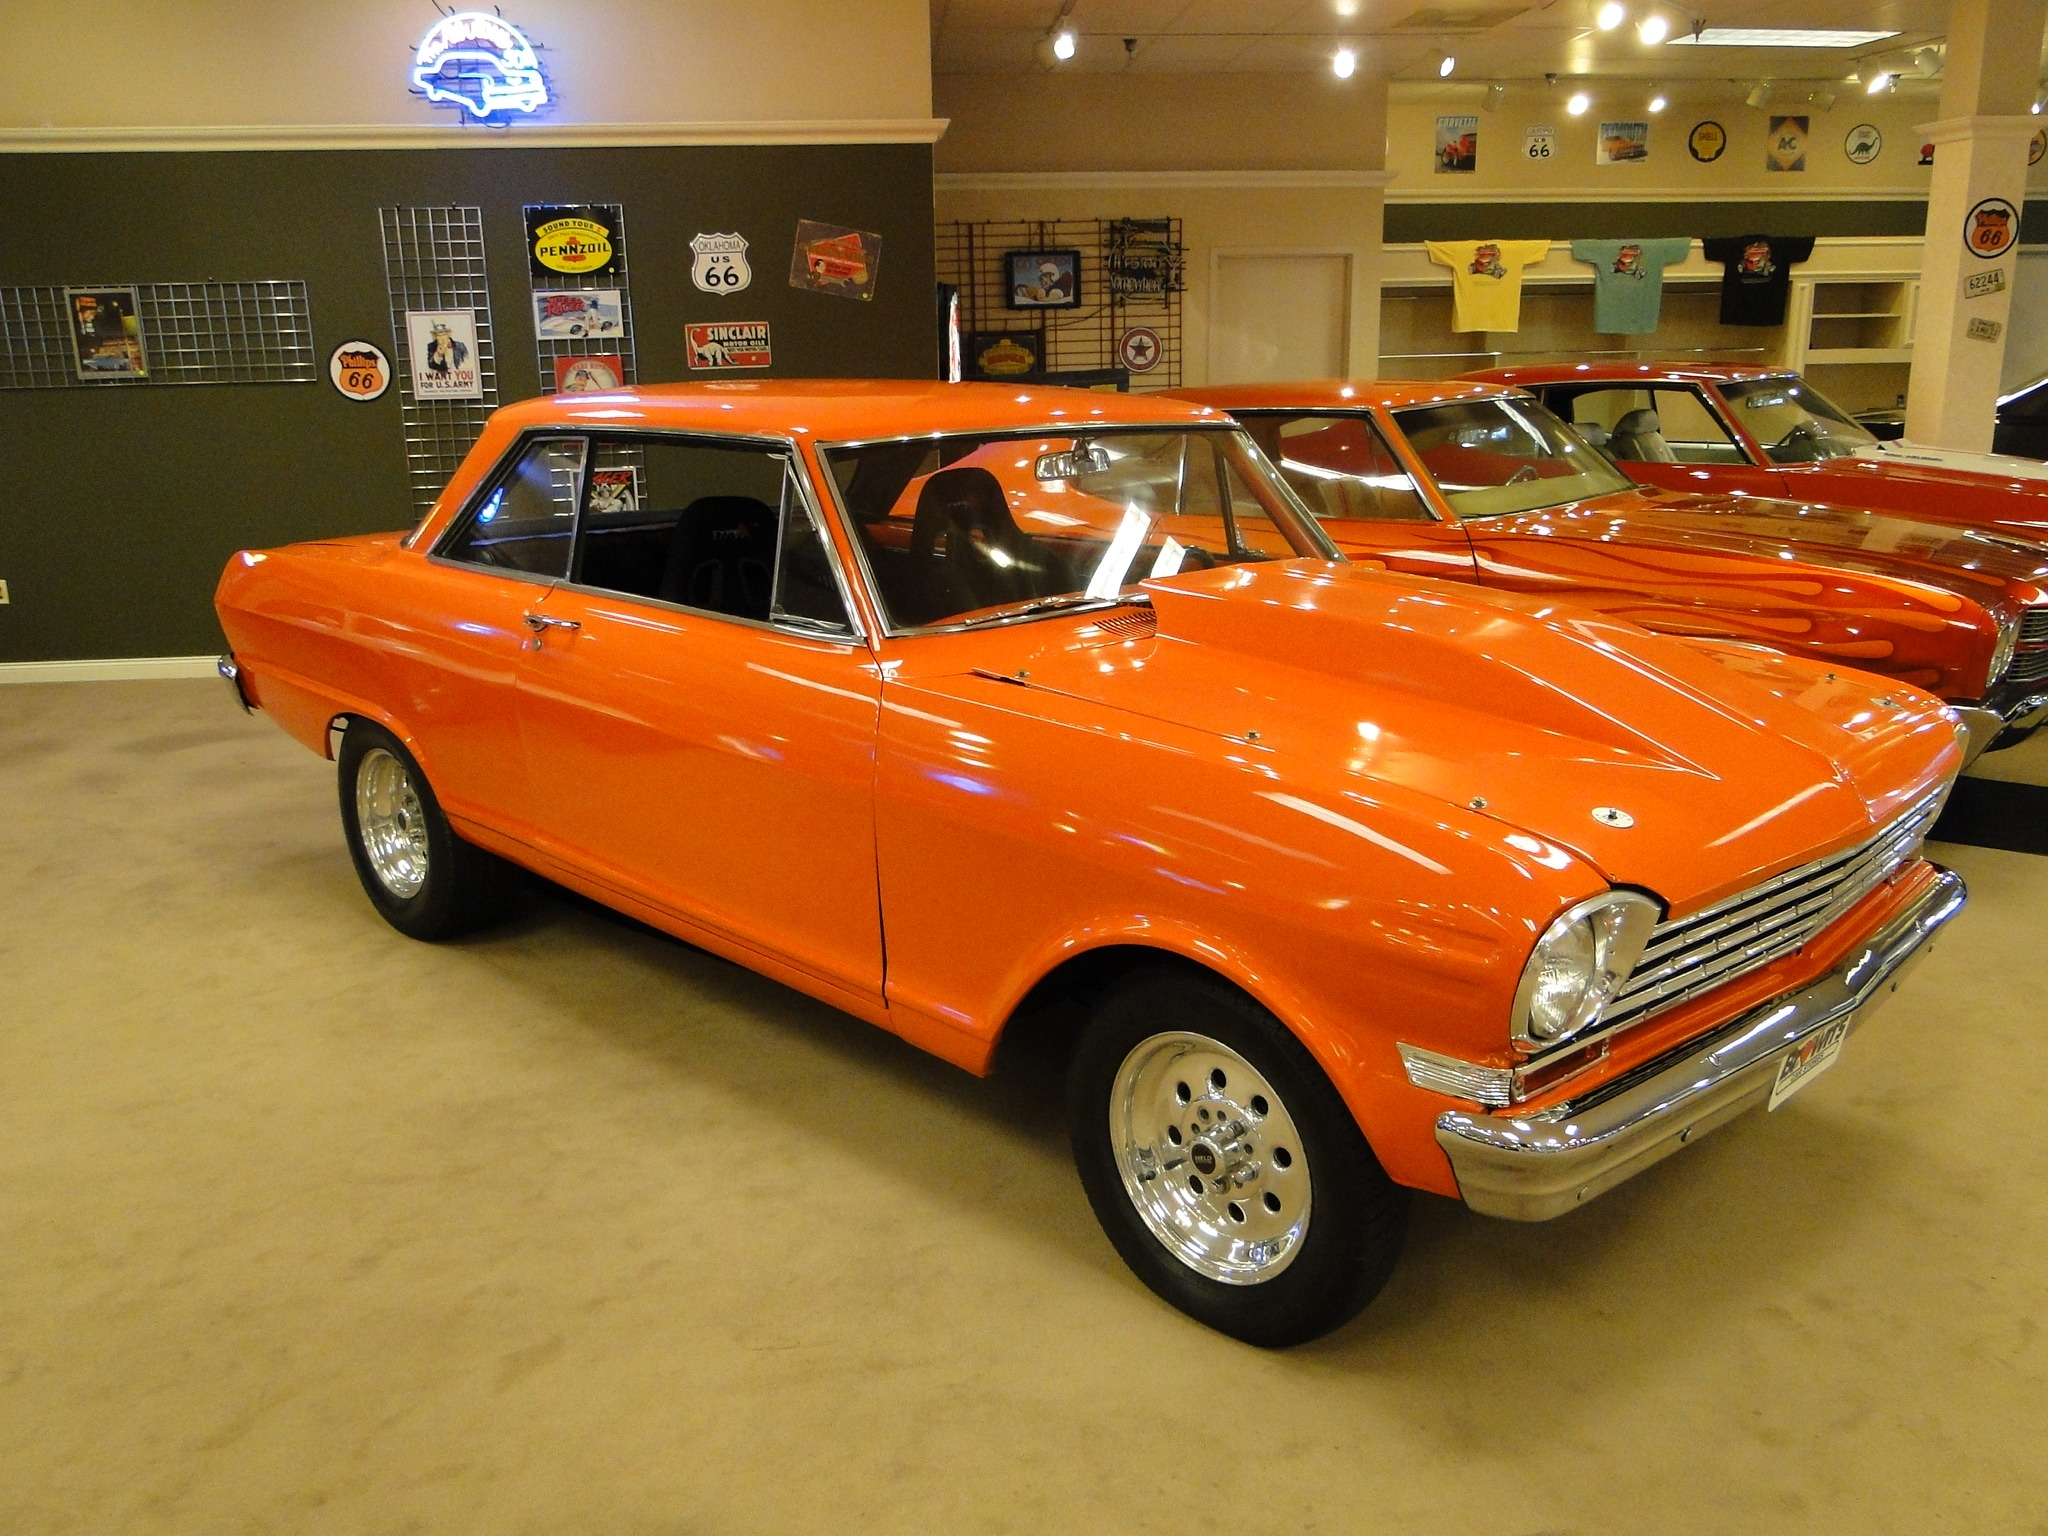 New 1963 Chevrolet Nova Sold To Pa Glen Burnie Md